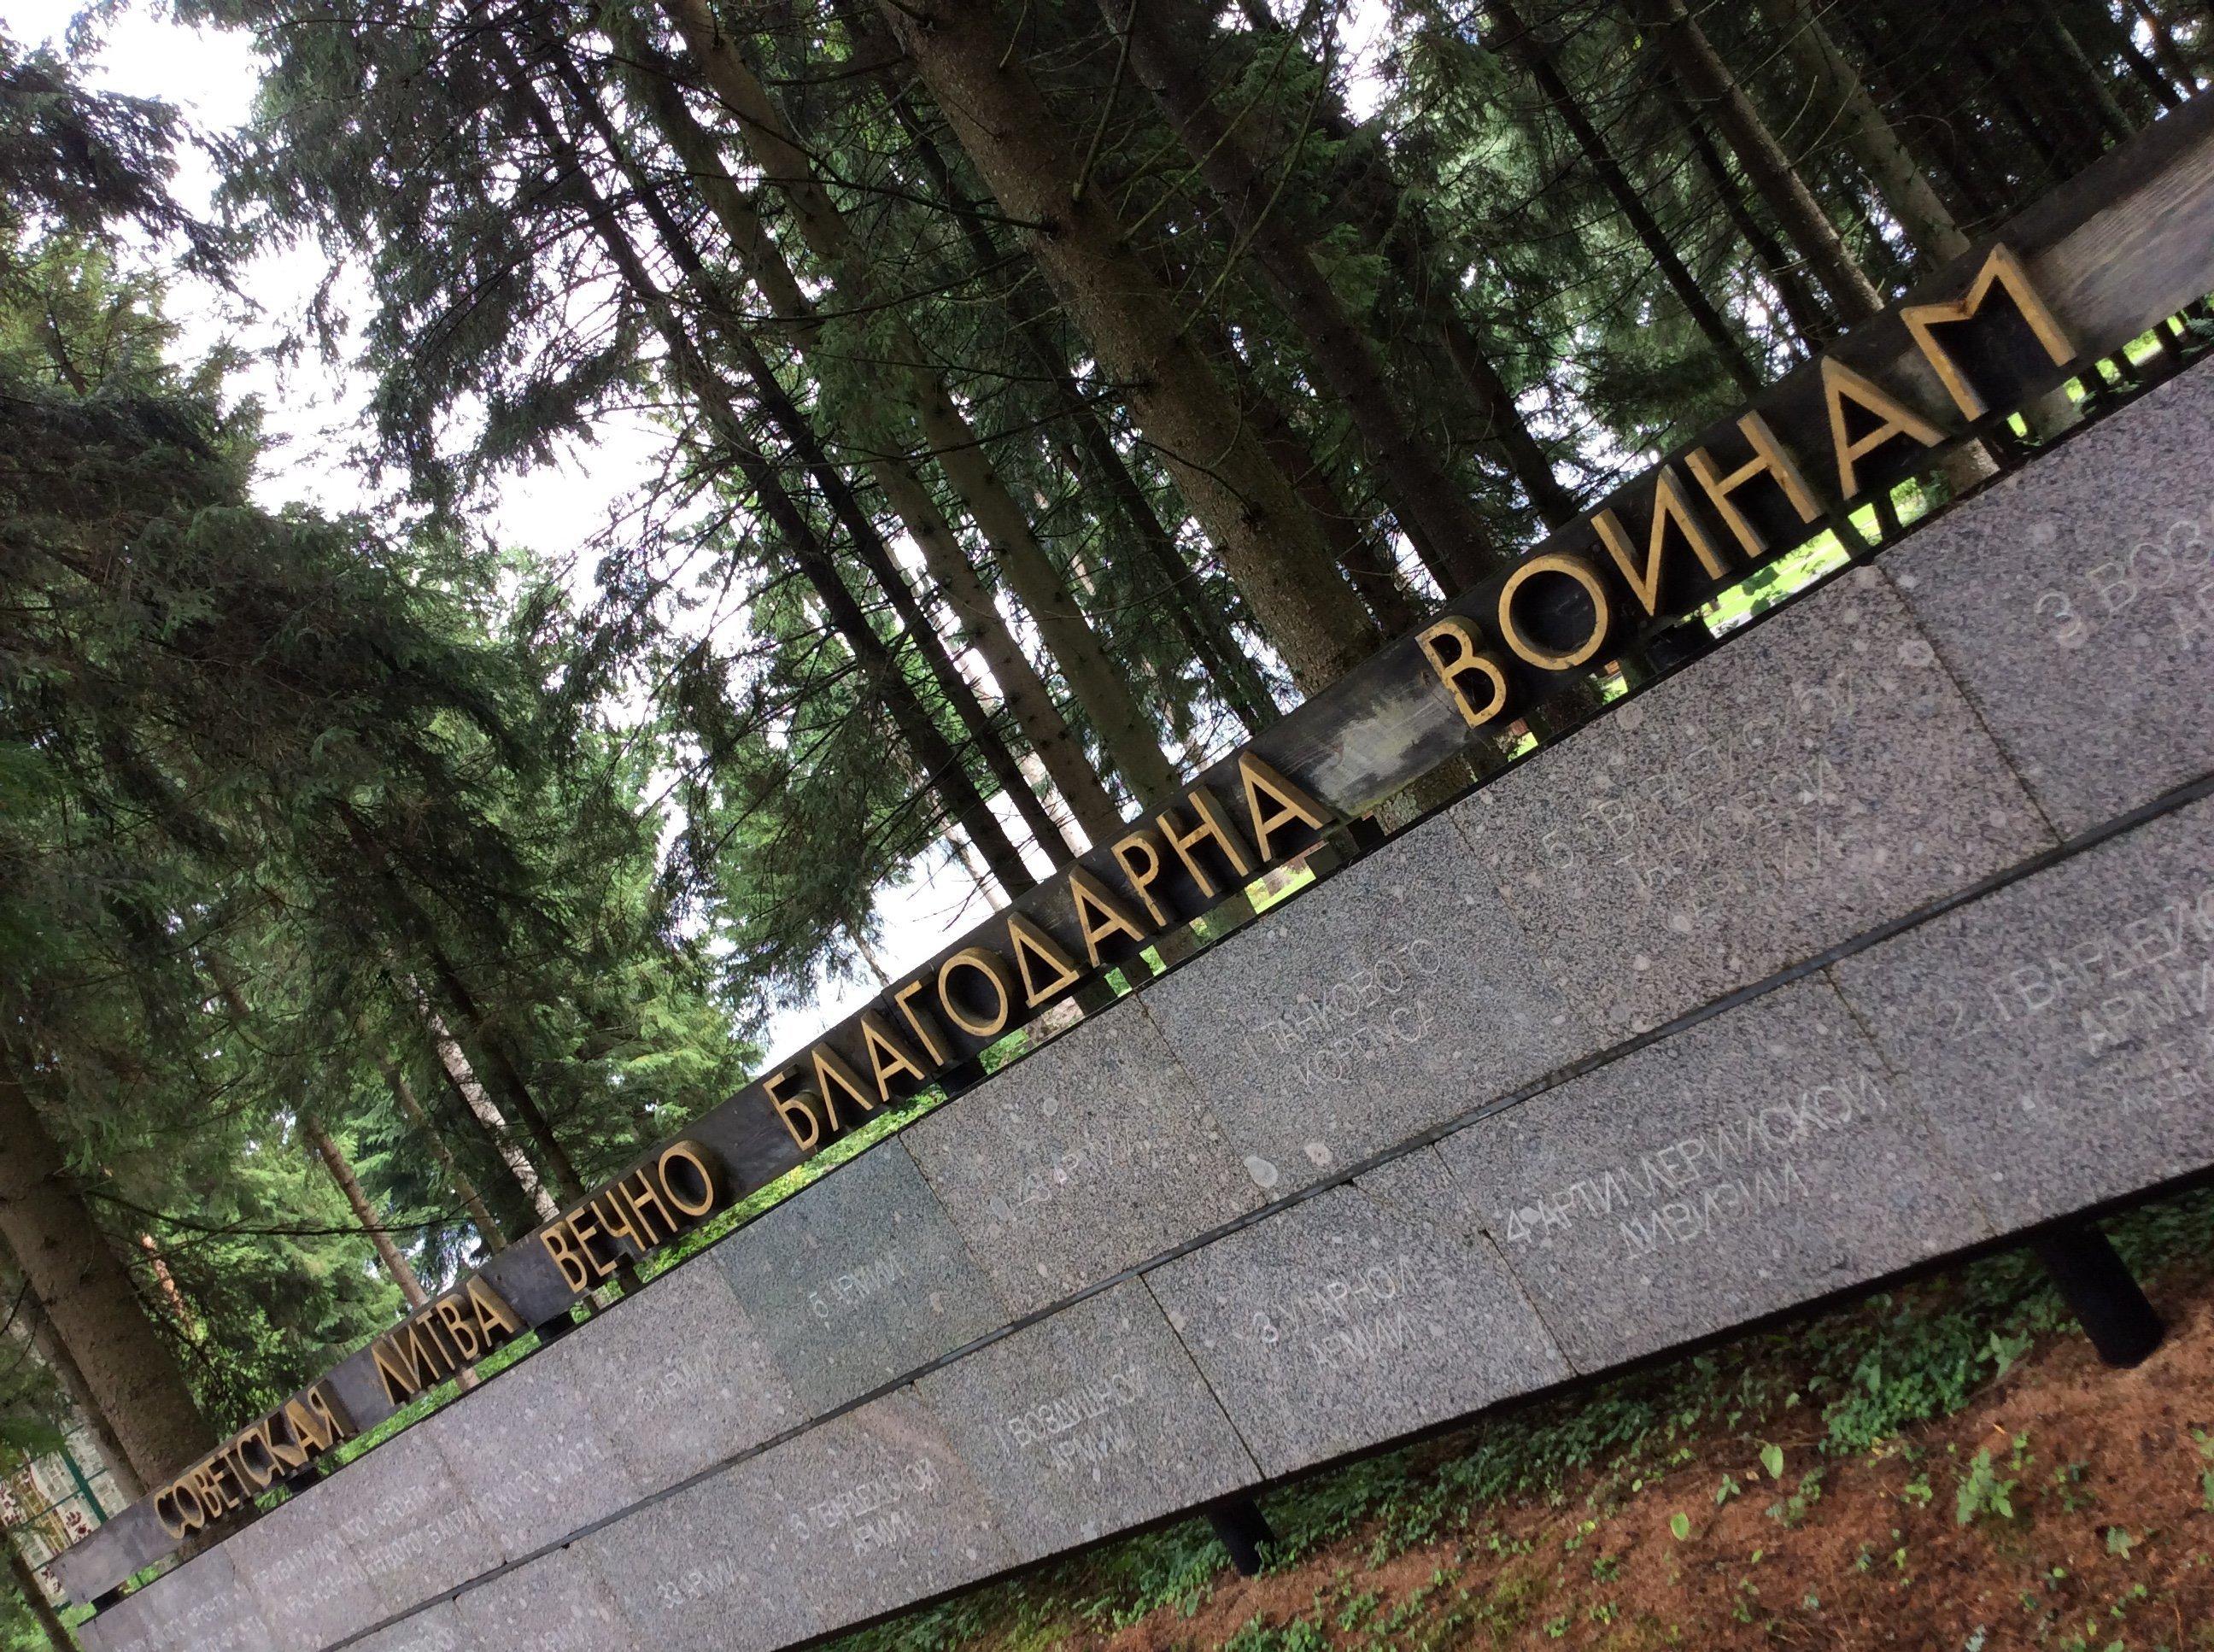 Litwa. Park Grūtas. Radziecka Litwa wiecznie wdzięczna...